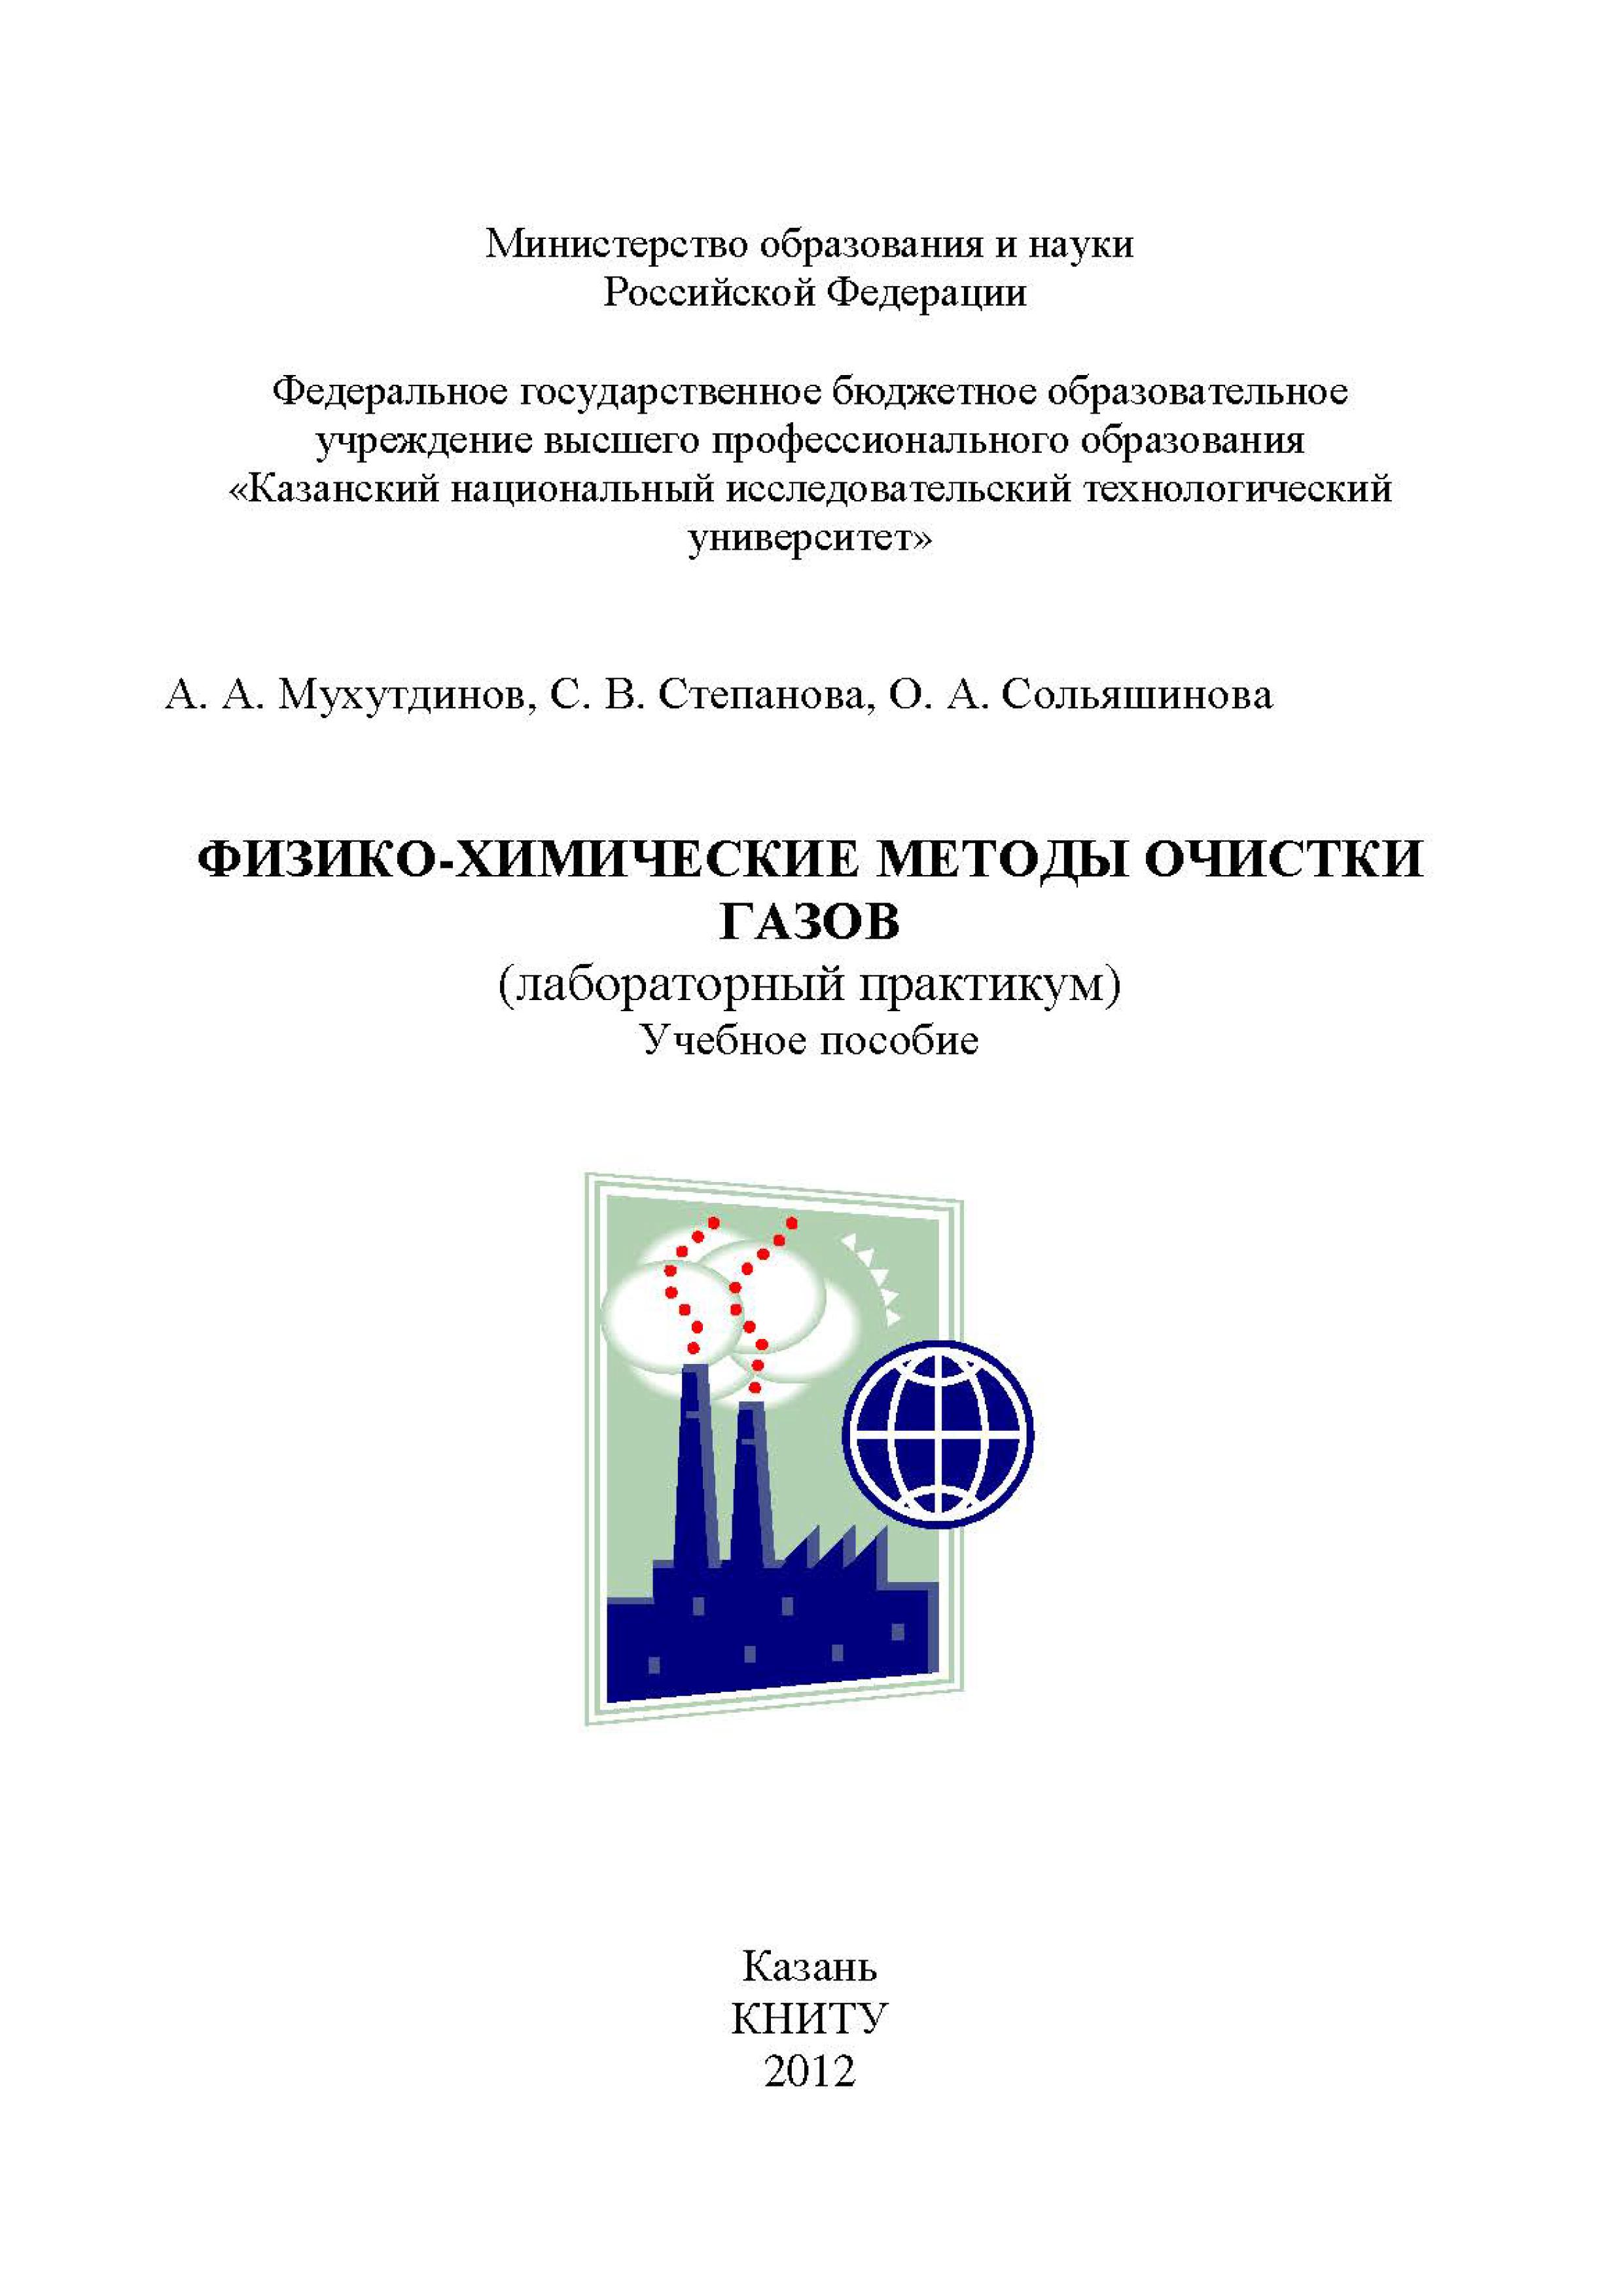 А. Мухутдинов Физико-химические методы очистки газов физико химические основы создания элементов снаряжения низкотемпературных газогенераторов